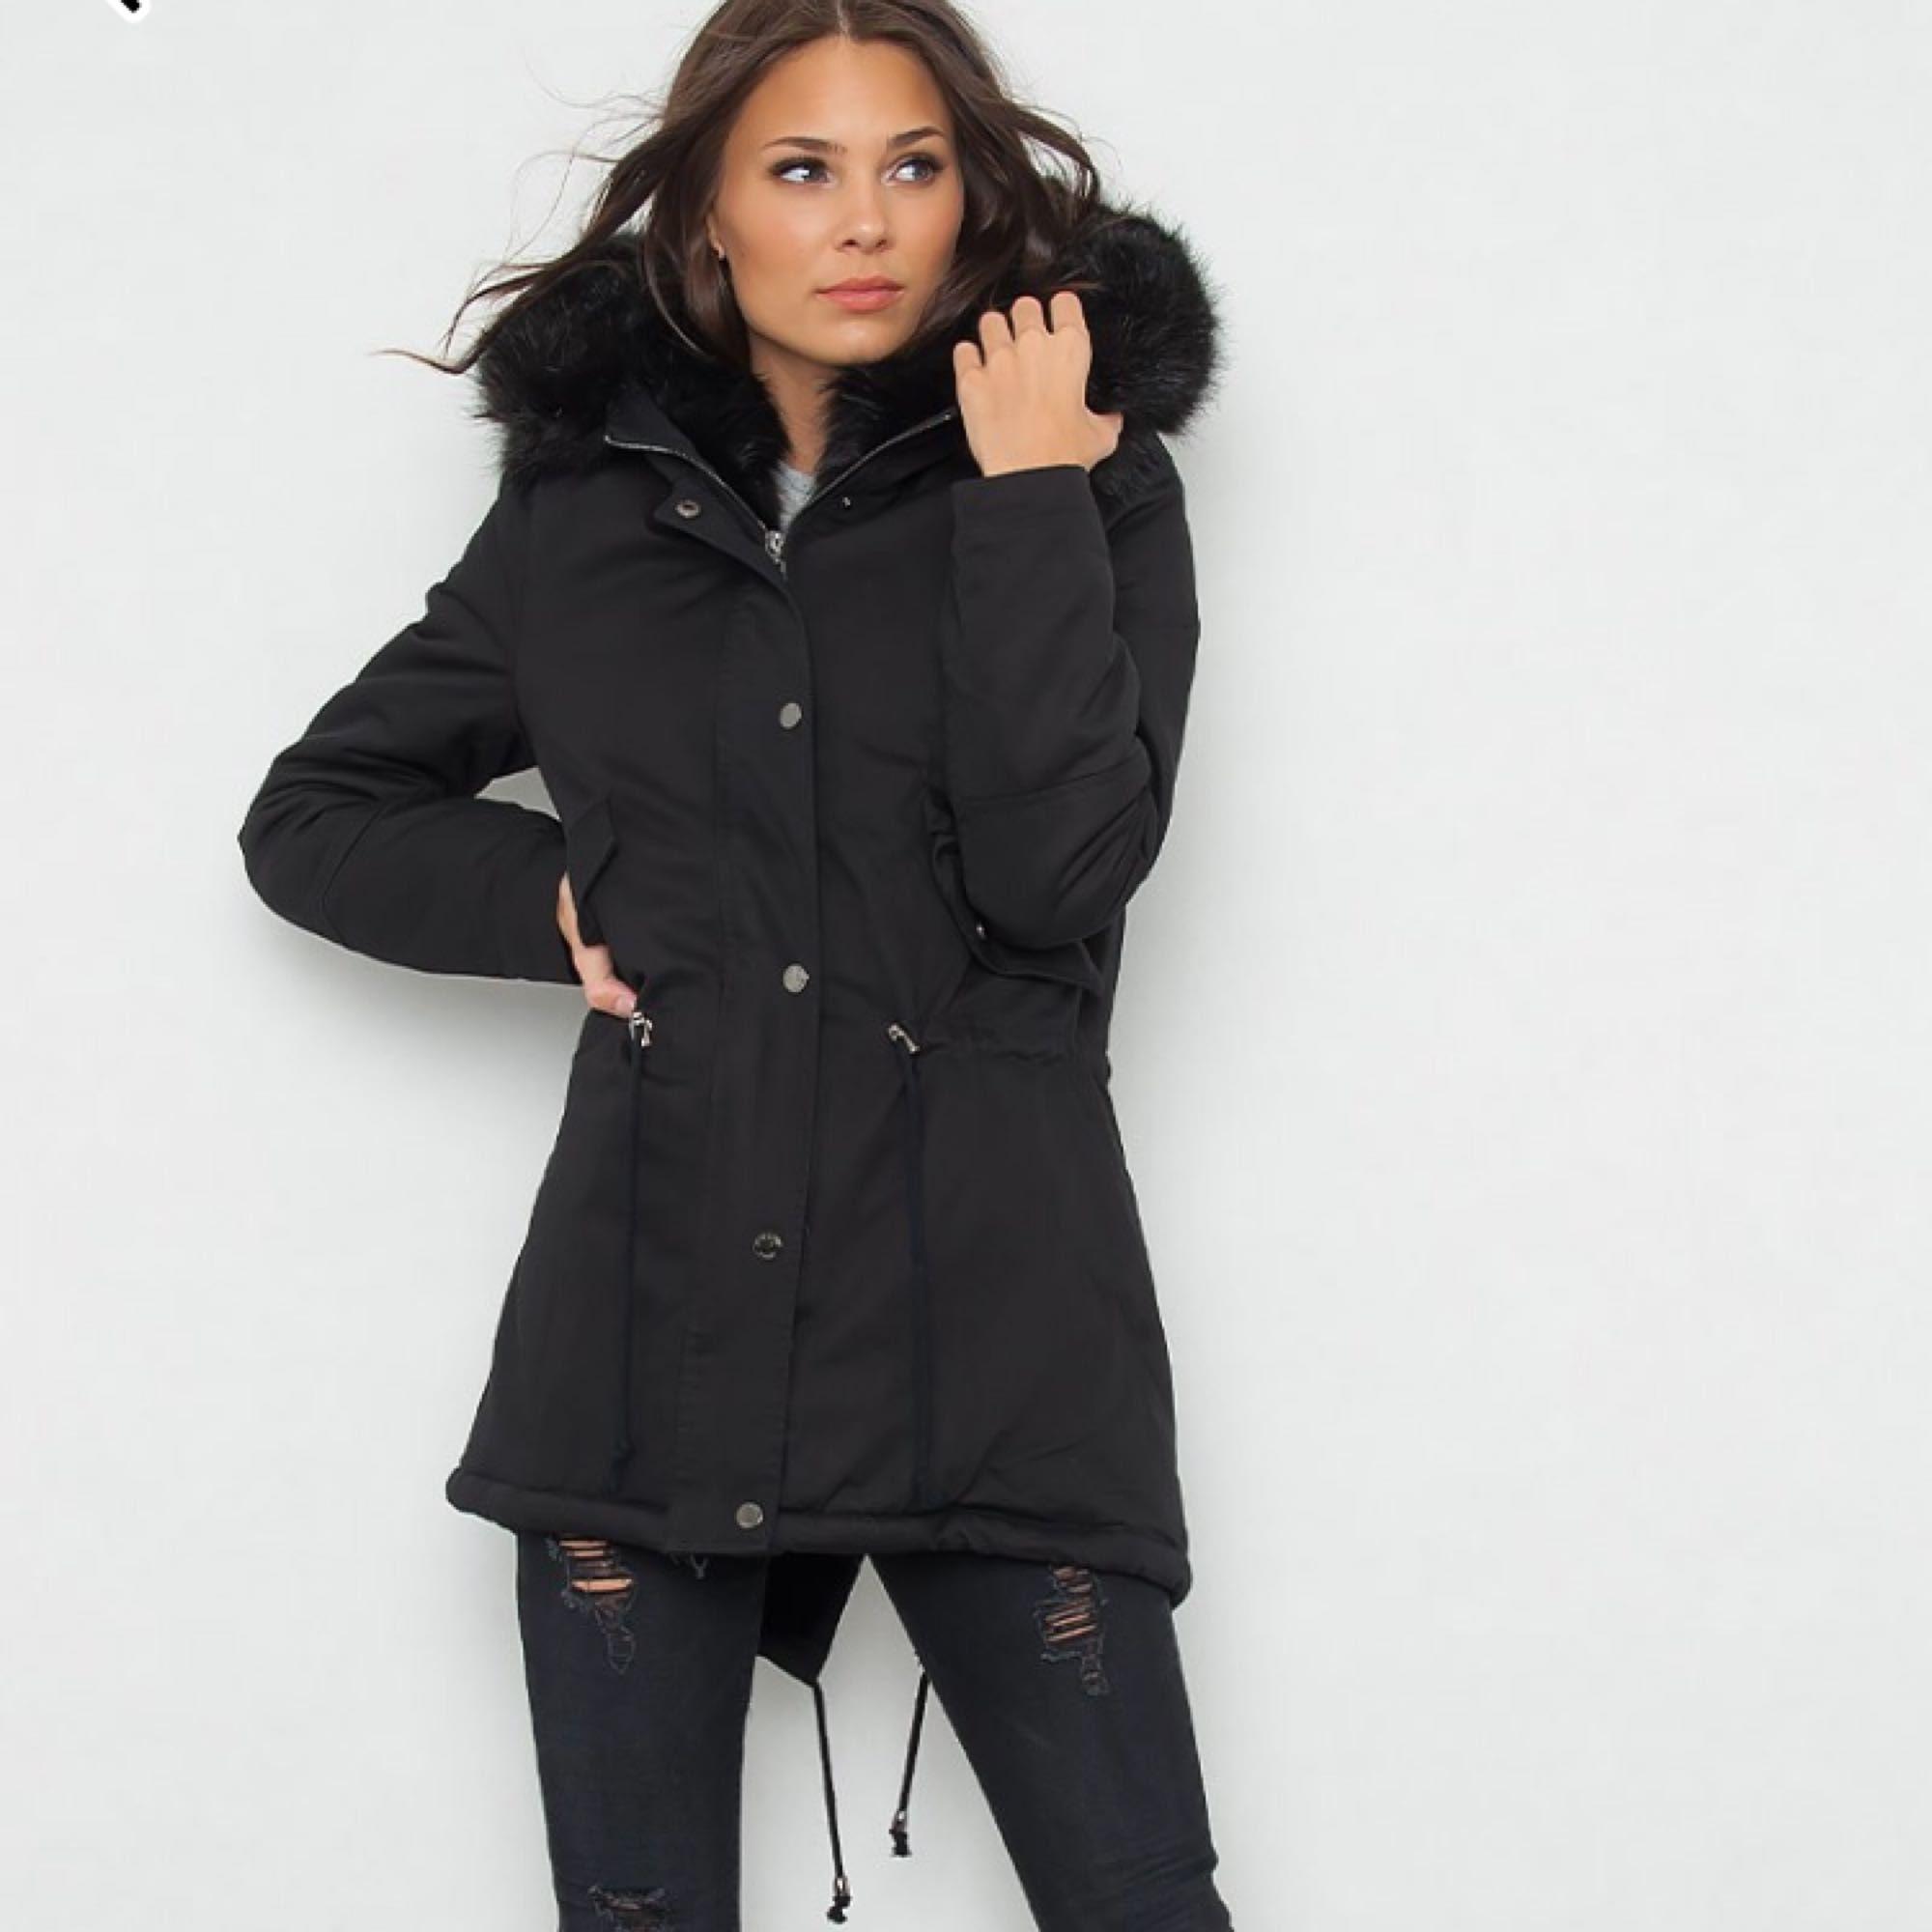 Hooded jacka all black audrey är en helsvart jacka med två fickor. En underbar pälsluva med fake päls , Fake päls på hela insidan av jackan. Tillverkad av 100% polyester.. Jackor.